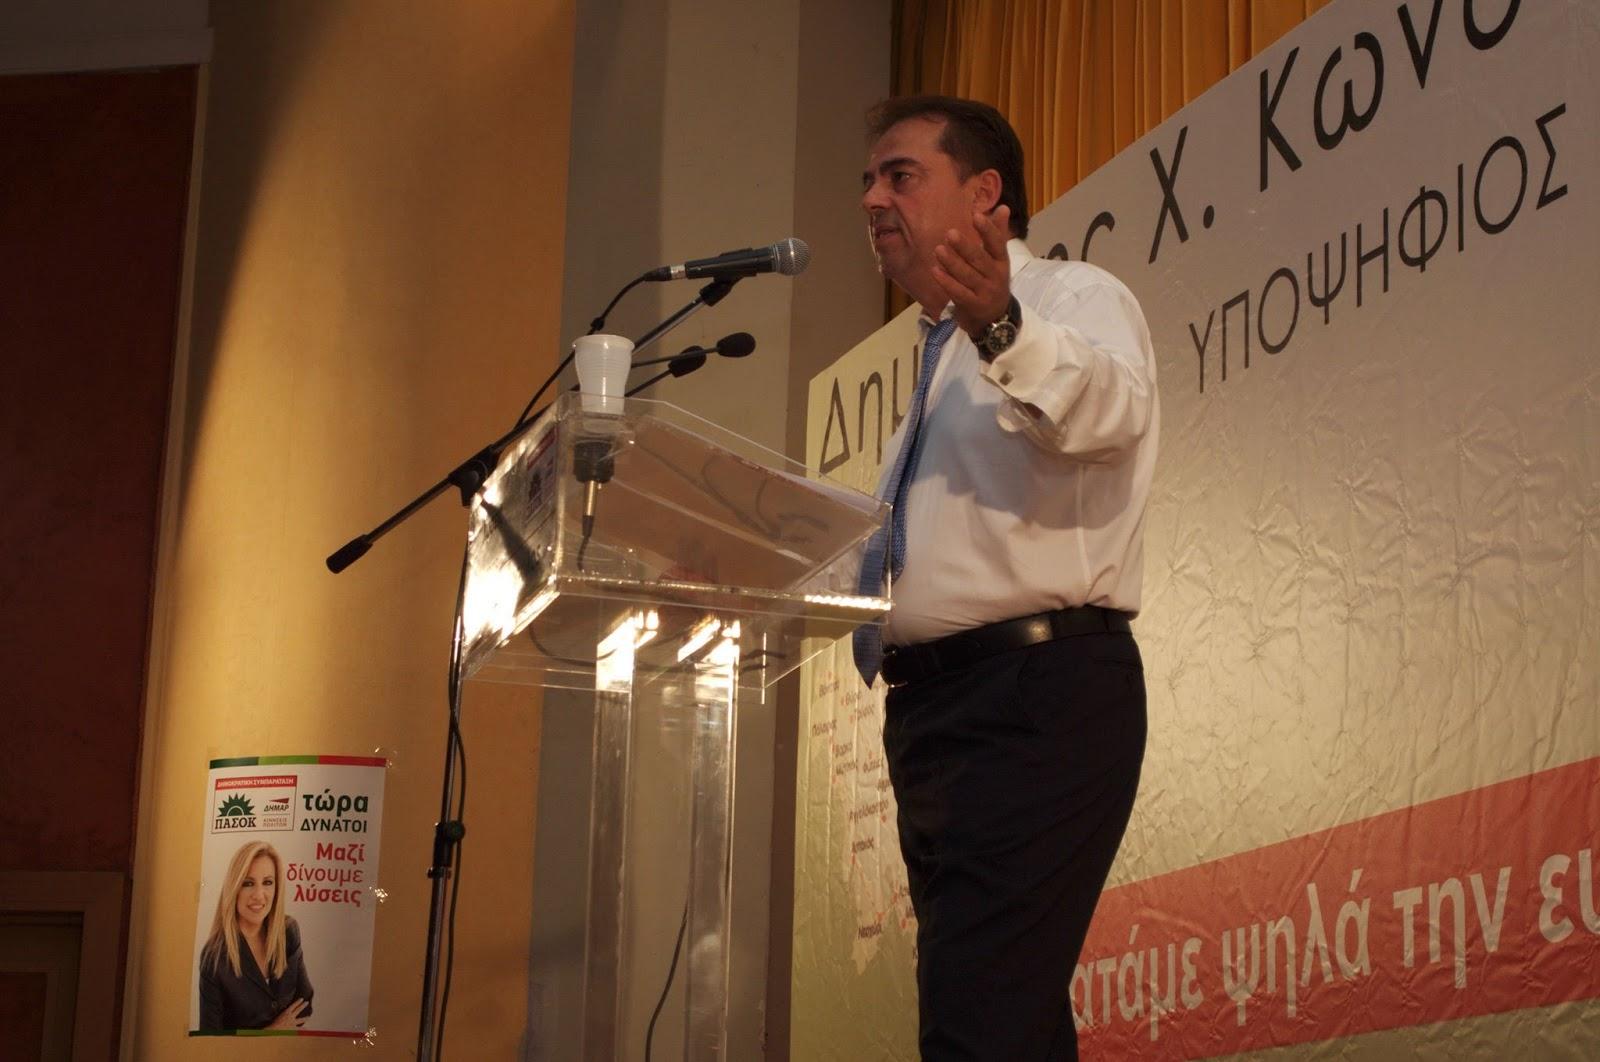 Αποτέλεσμα εικόνας για Ομιλία του κ. Δημήτρη Κωνσταντόπουλου στο Συνέδριο της Δημοκρατικής Συμπαράταξης